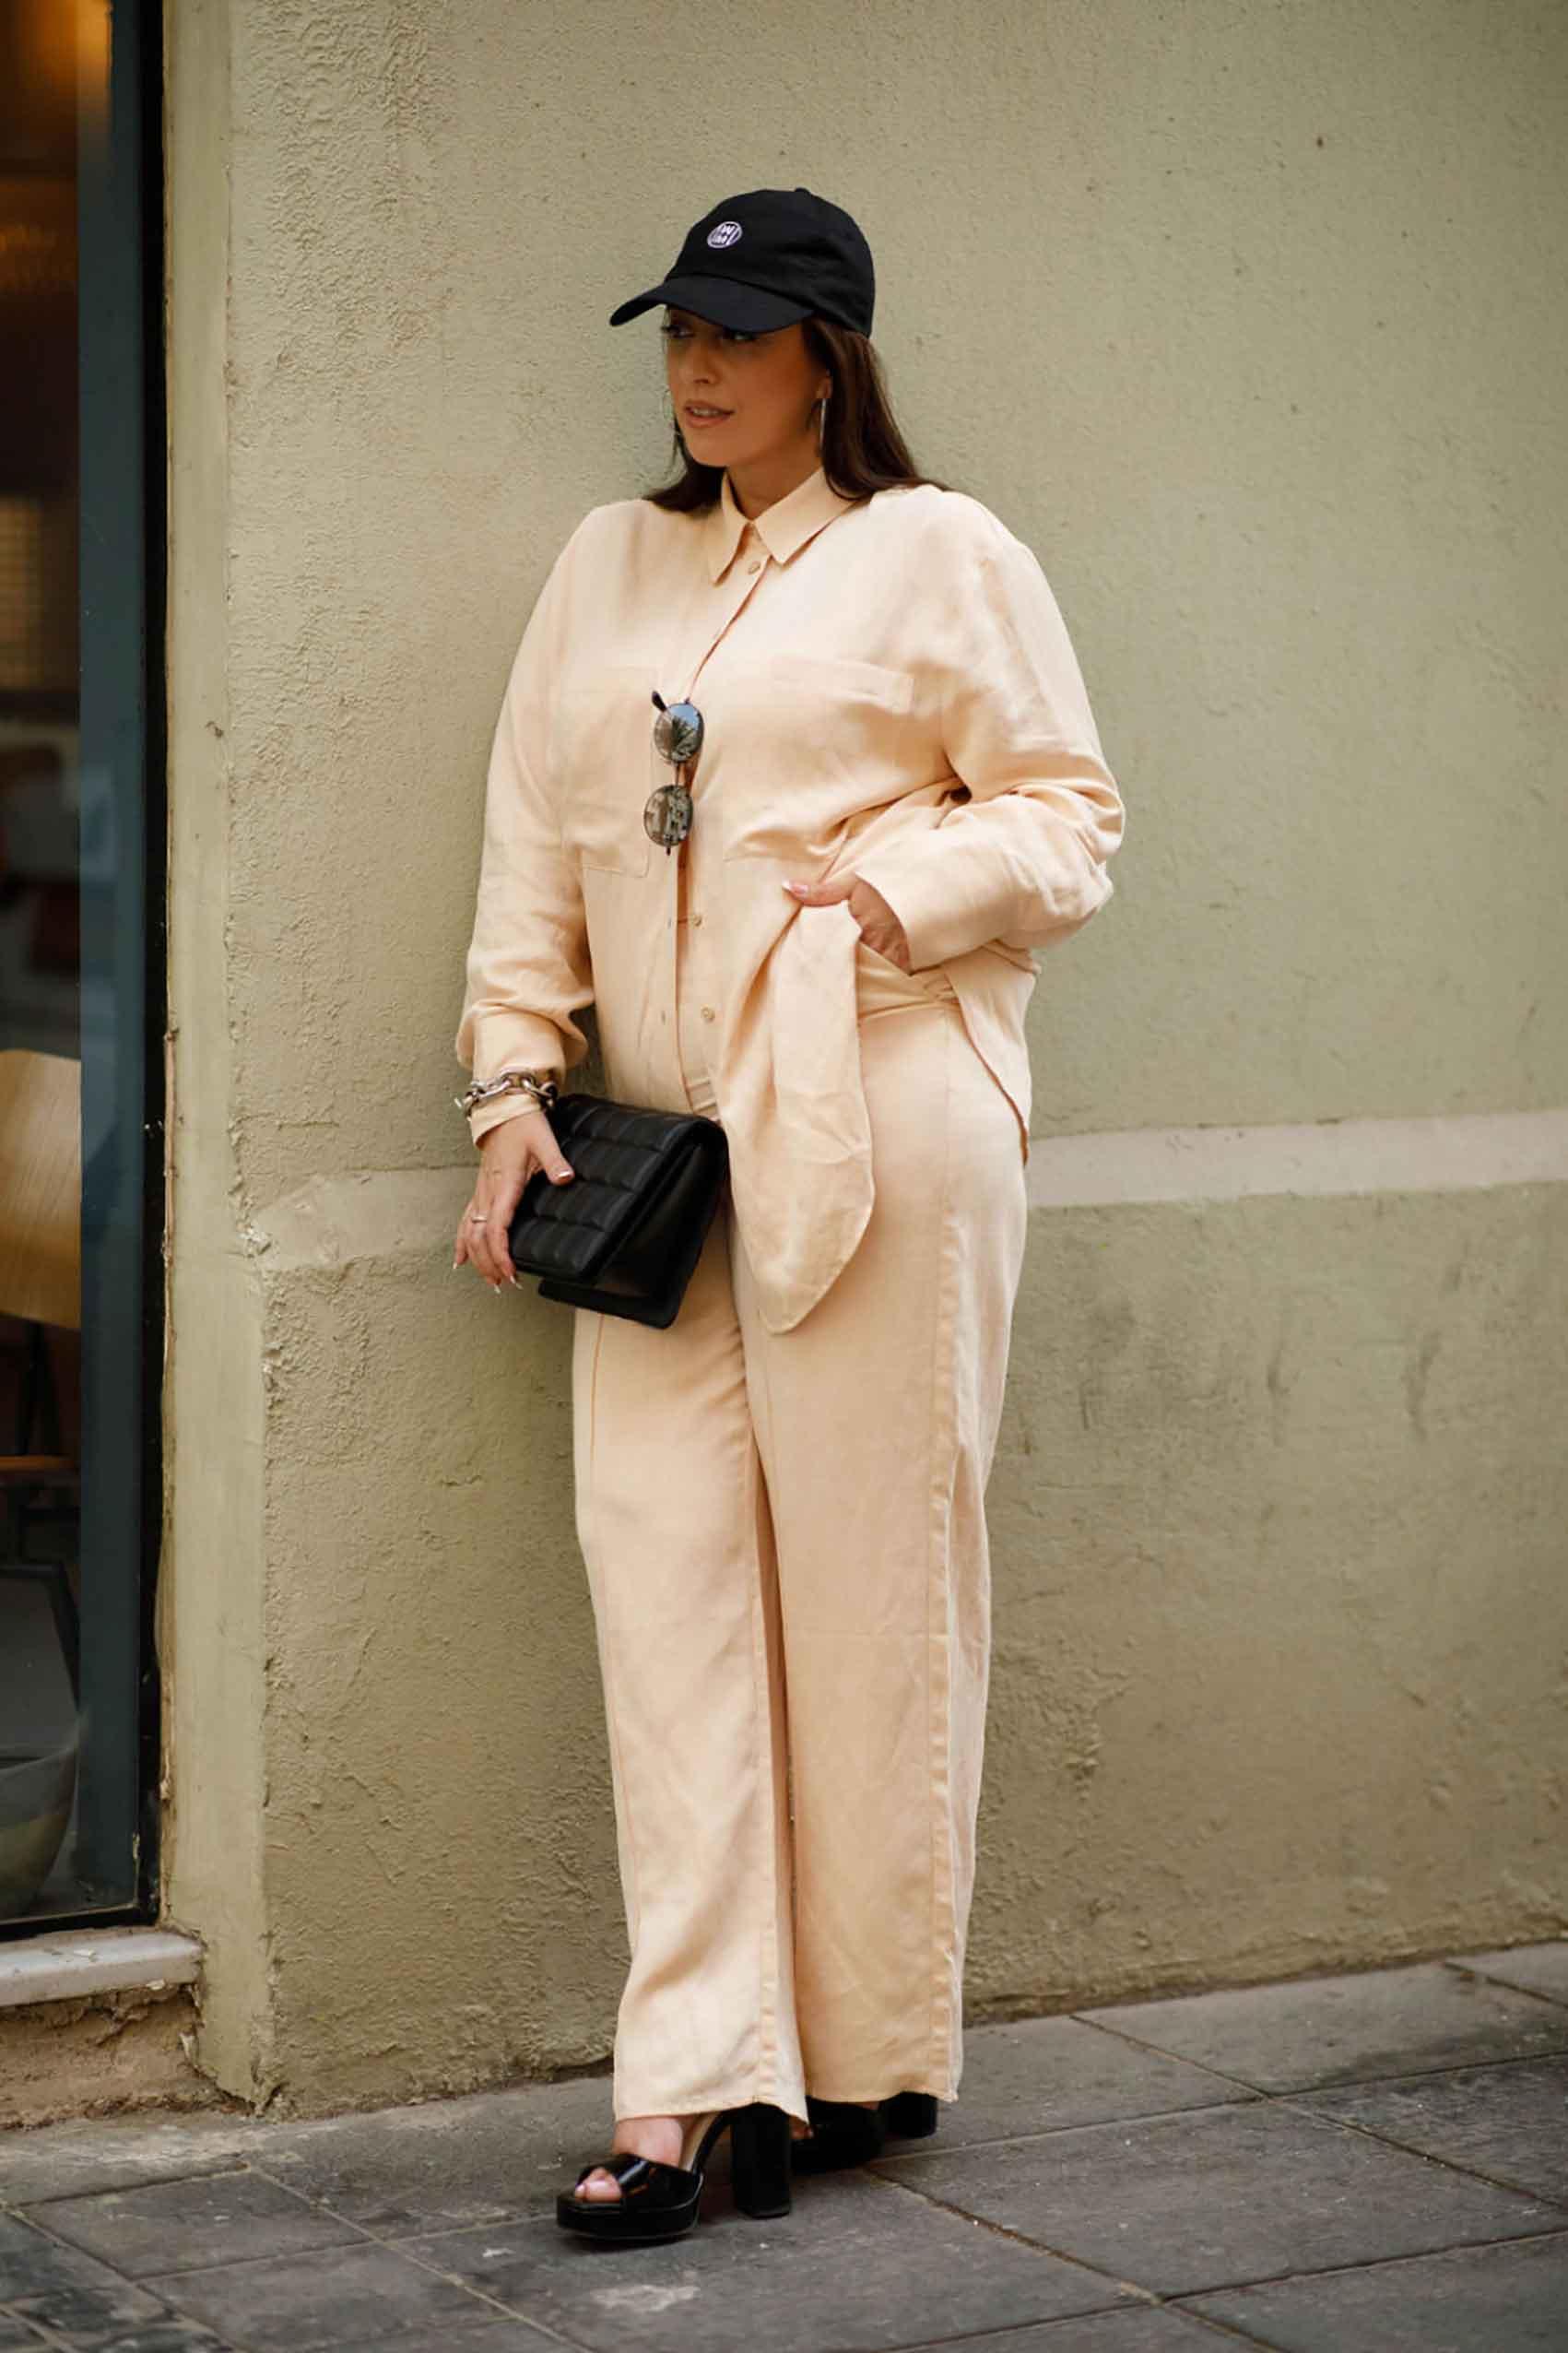 היום הרביעי. טלי ארבל ל H&M ישראל, צילום: לילך זמיר עם כובע מצחייה שהוא oh so cool ותיק הורס להשלמת האטיטיוד!  - 2